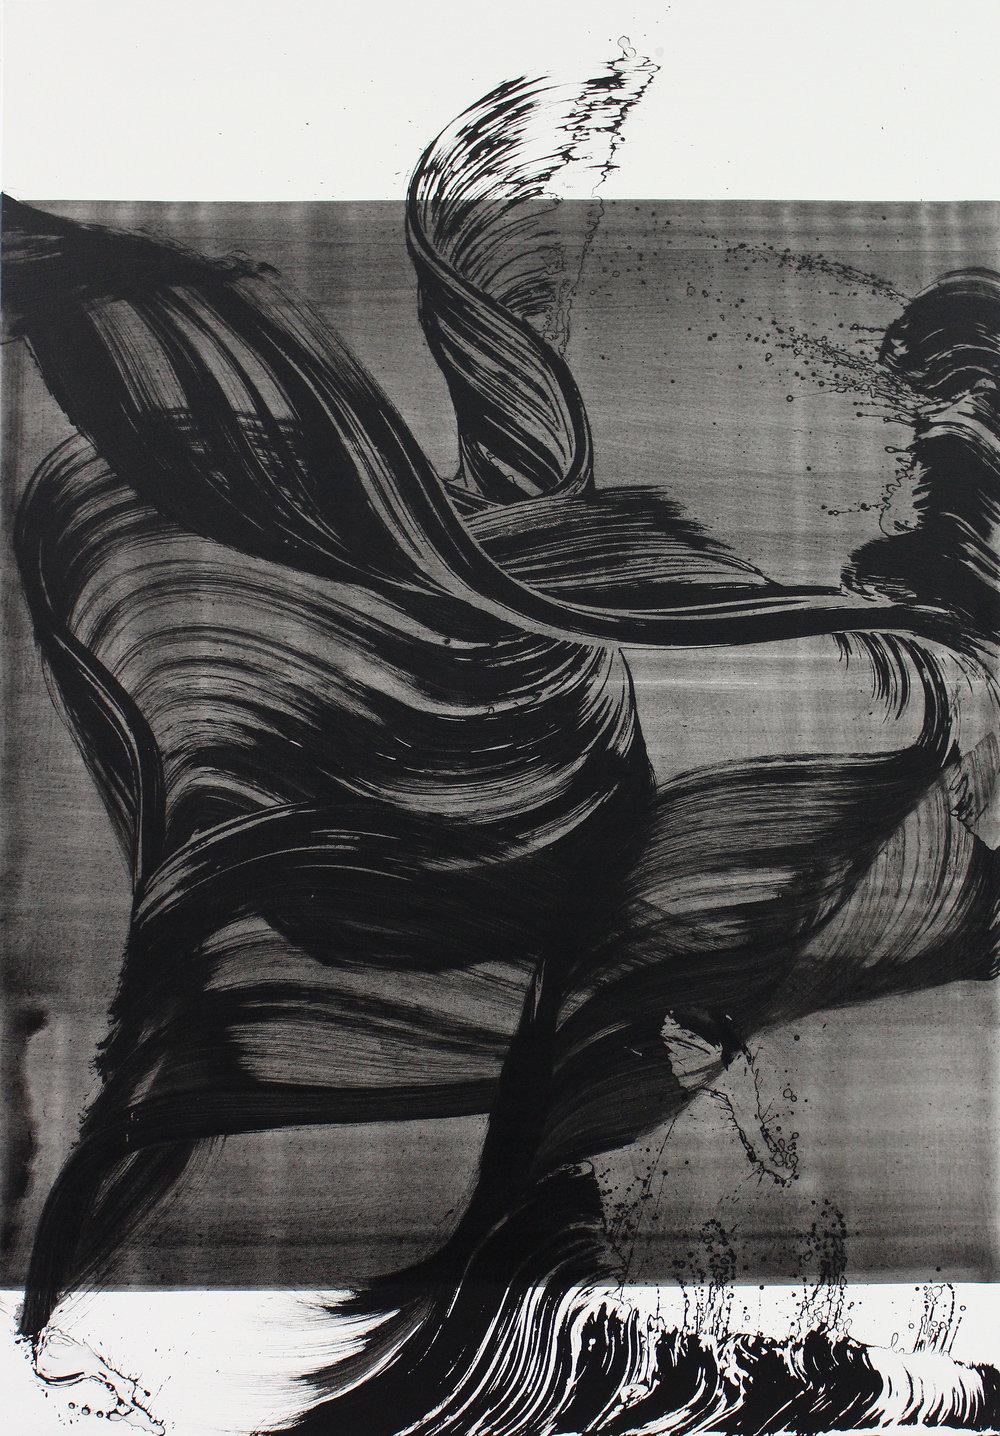 Juan Olivares-Barricade XI-2018- 130 x 90 x 4 cm-Acrylic on canvas.jpg